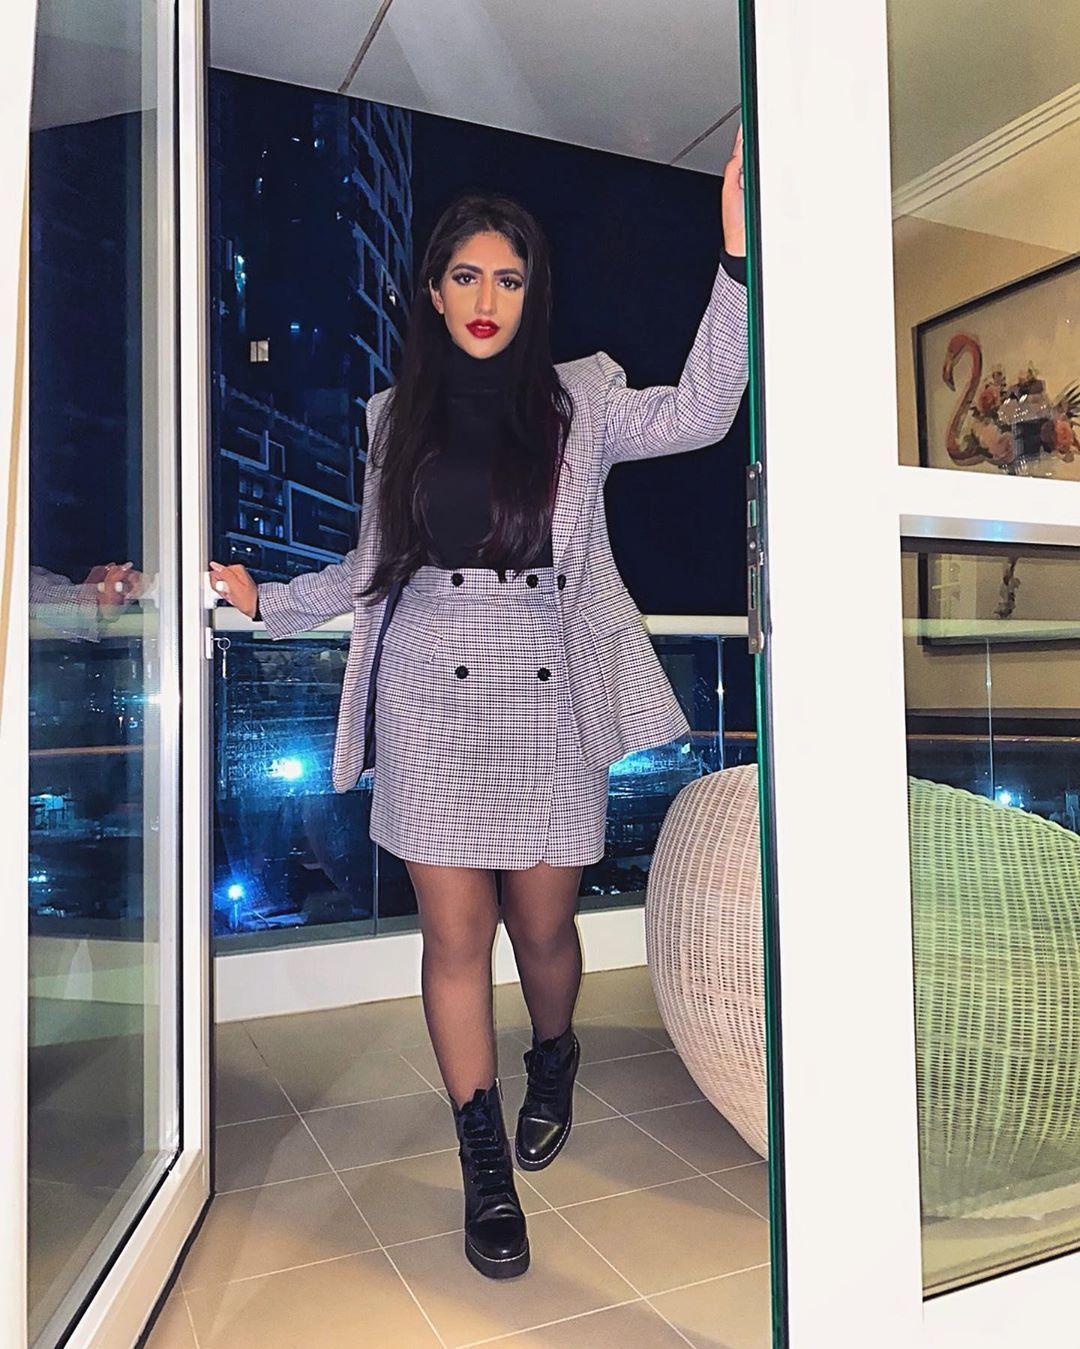 نور ستارز Noor Stars S Instagram Photo كانت لديها كل مبررات الأستسلام ولكنها لم تستسلم بصراحة اي ساعة عم تناموا يوميا Fashion Dresses Sweater Dress